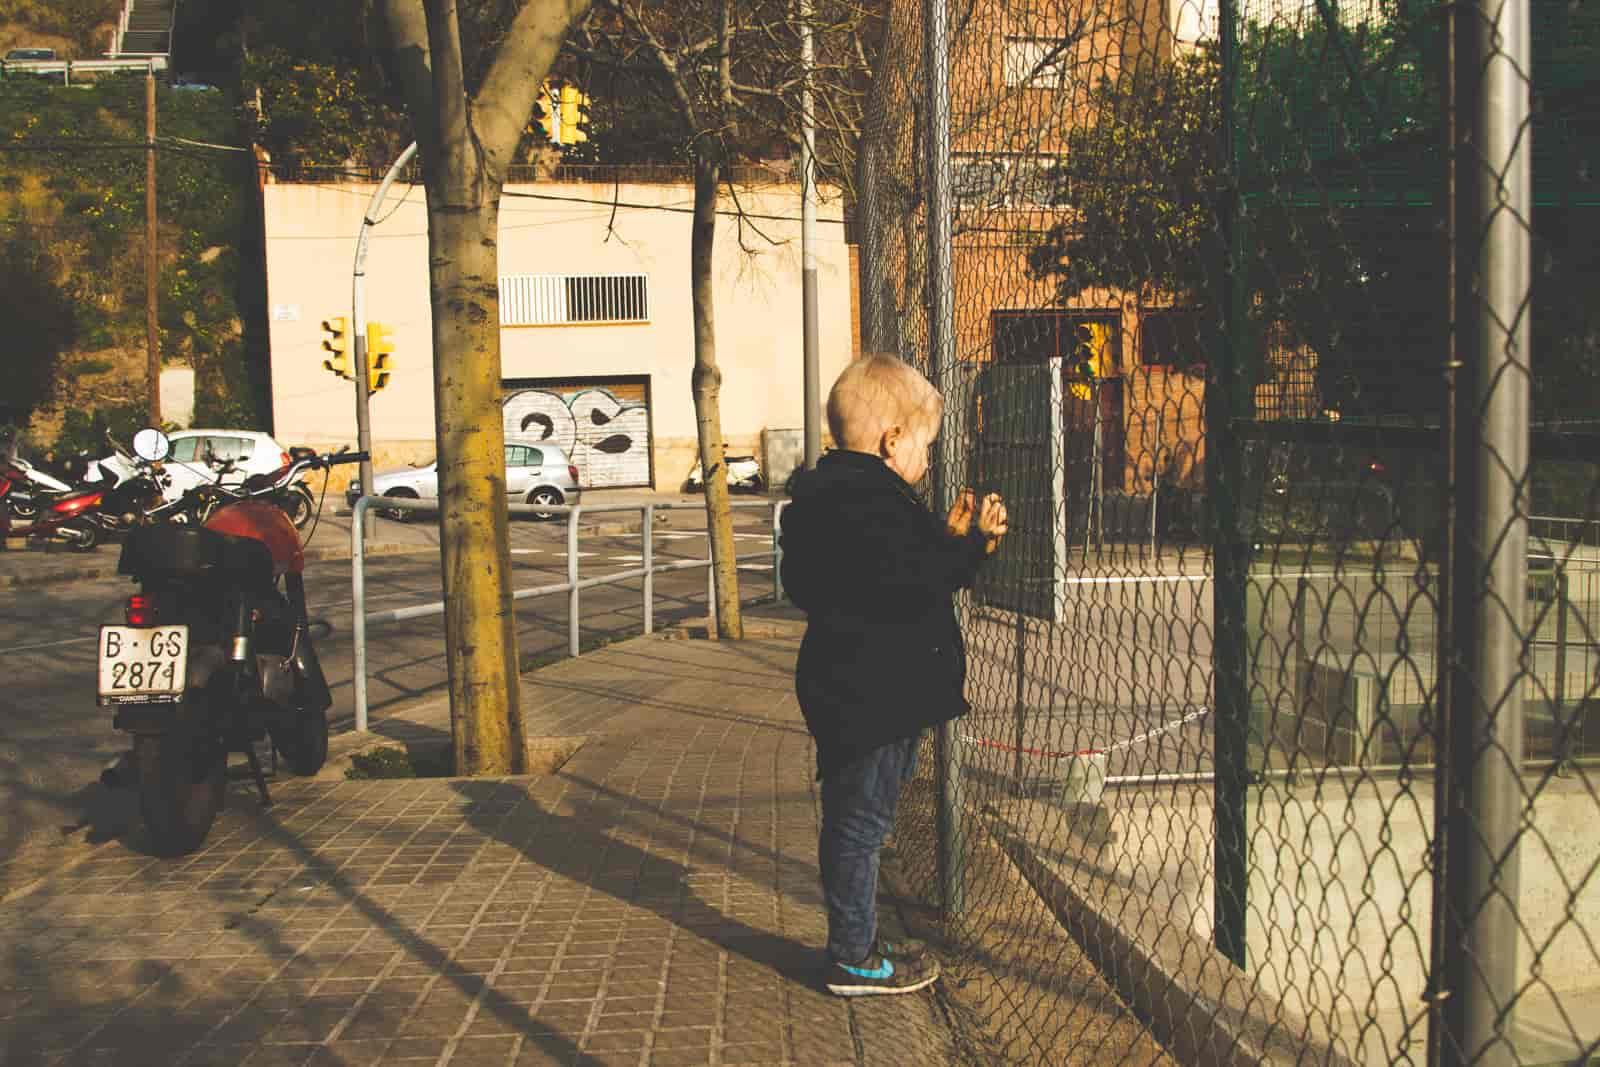 Dziecko stojące przy ogrodzeniu